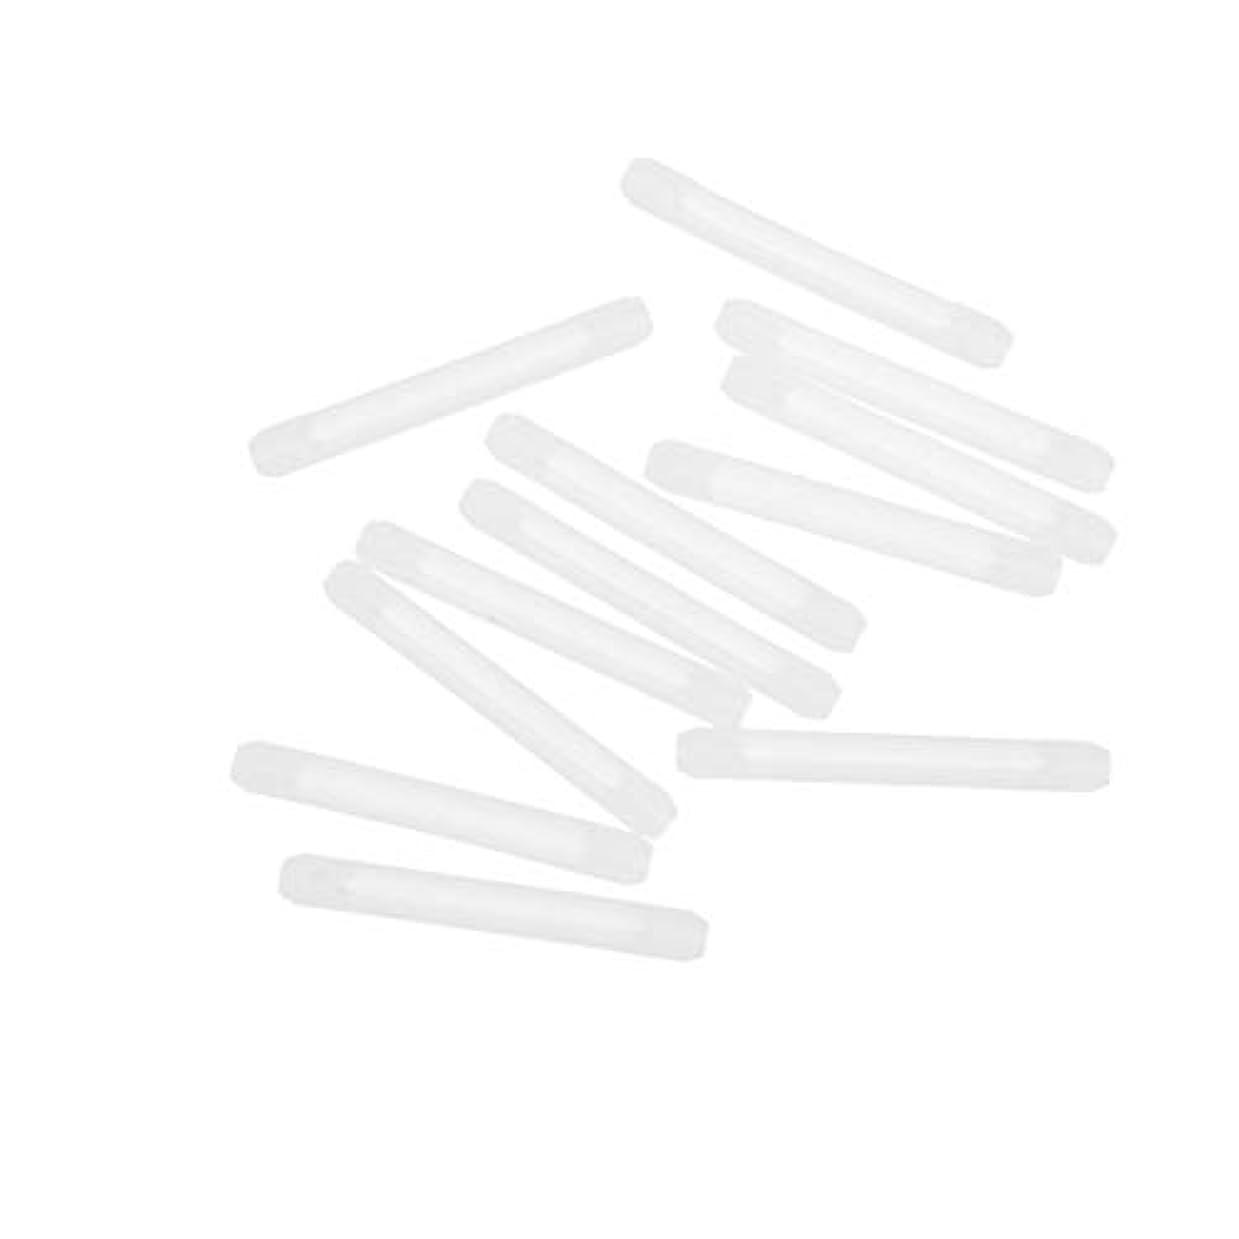 謙虚緯度インペリアルHealifty メガネホルダー滑り止めシリコンメガネアクセサリー20pcs(ホワイト)